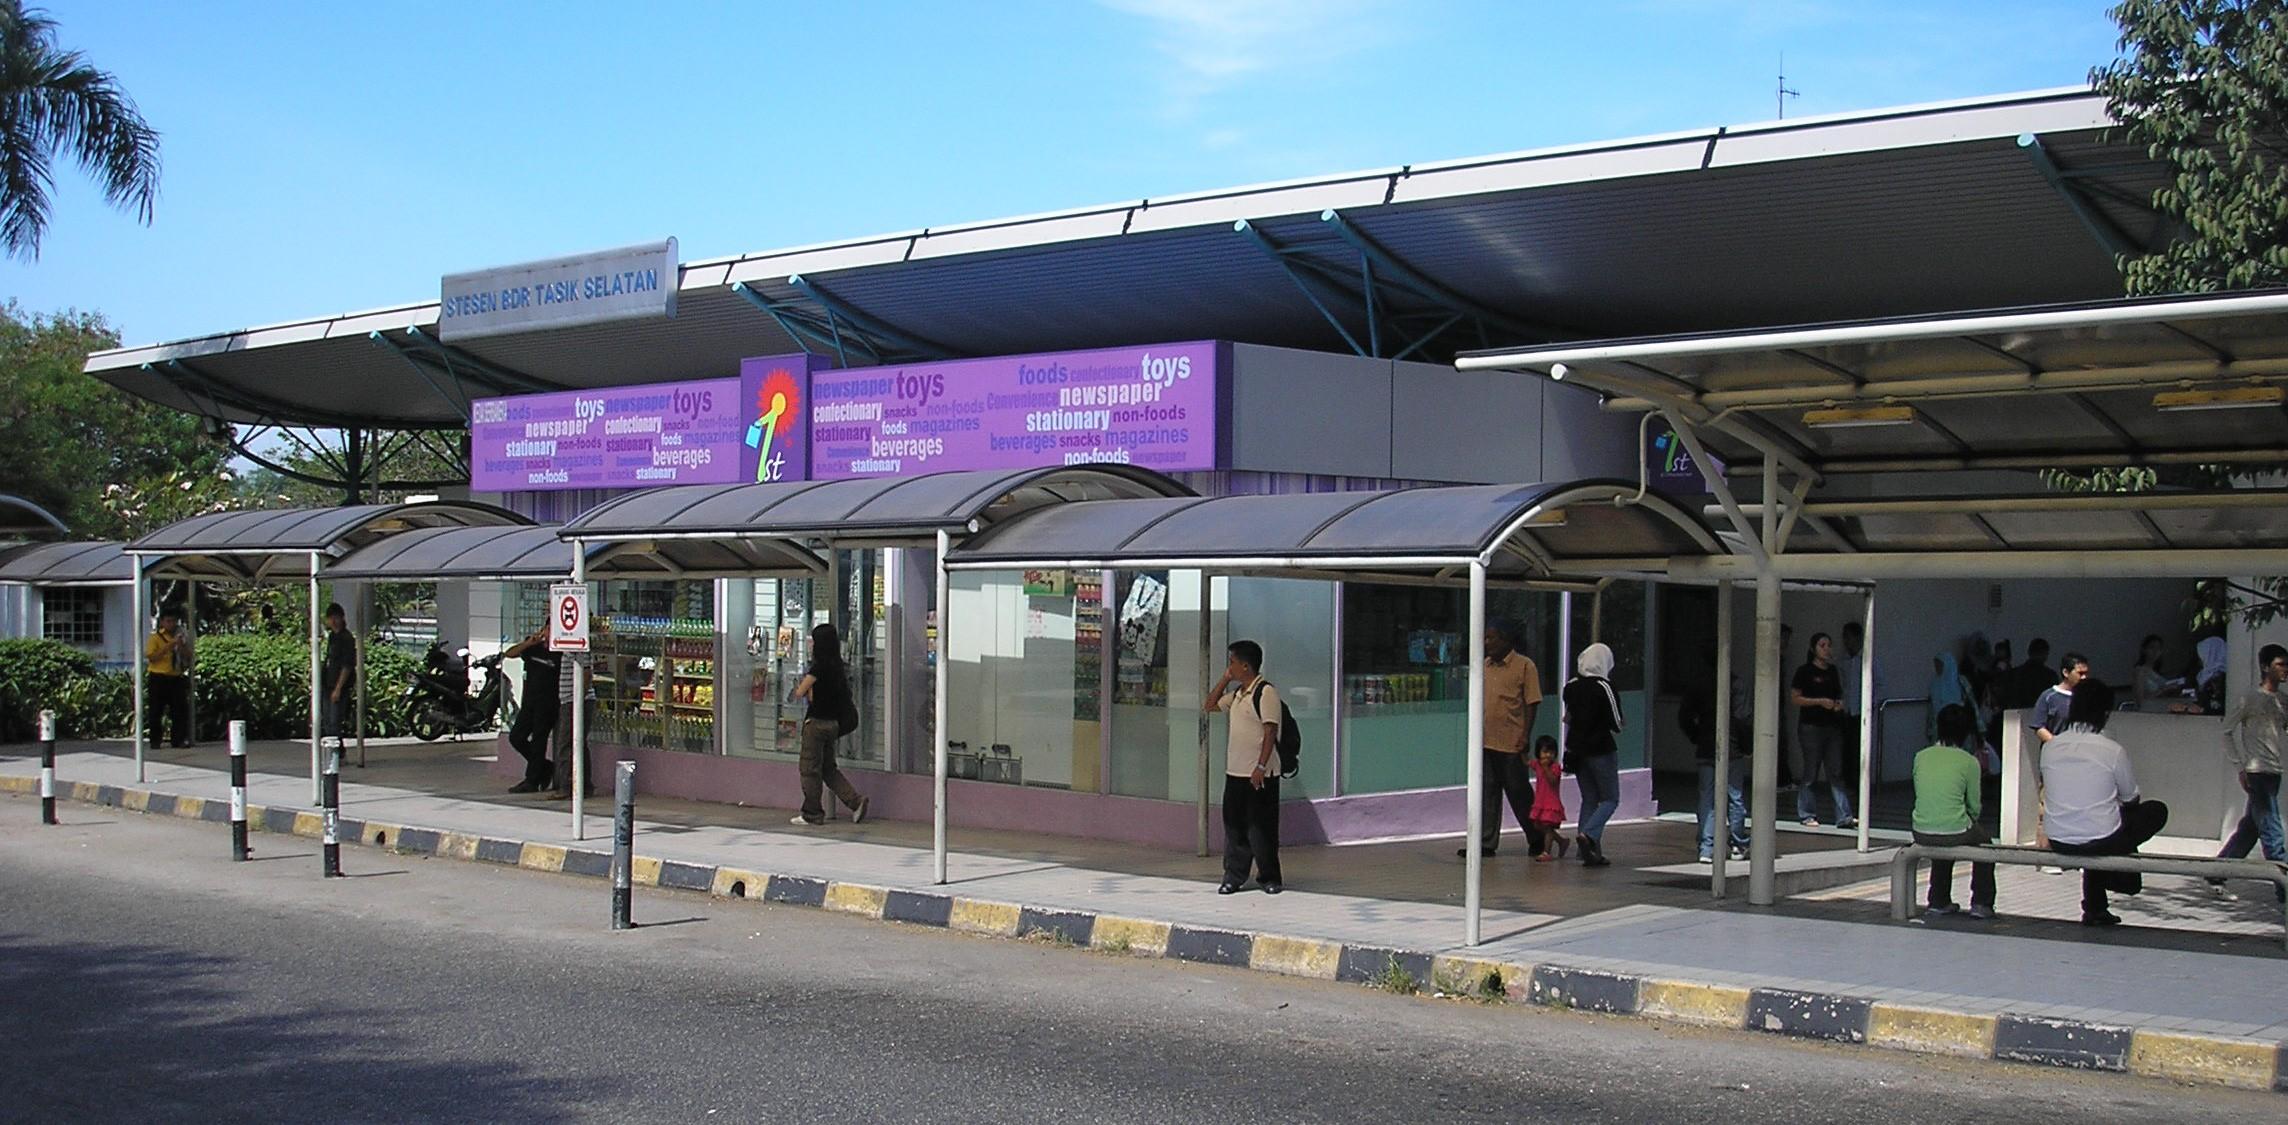 Bandar Tasik Selatan station